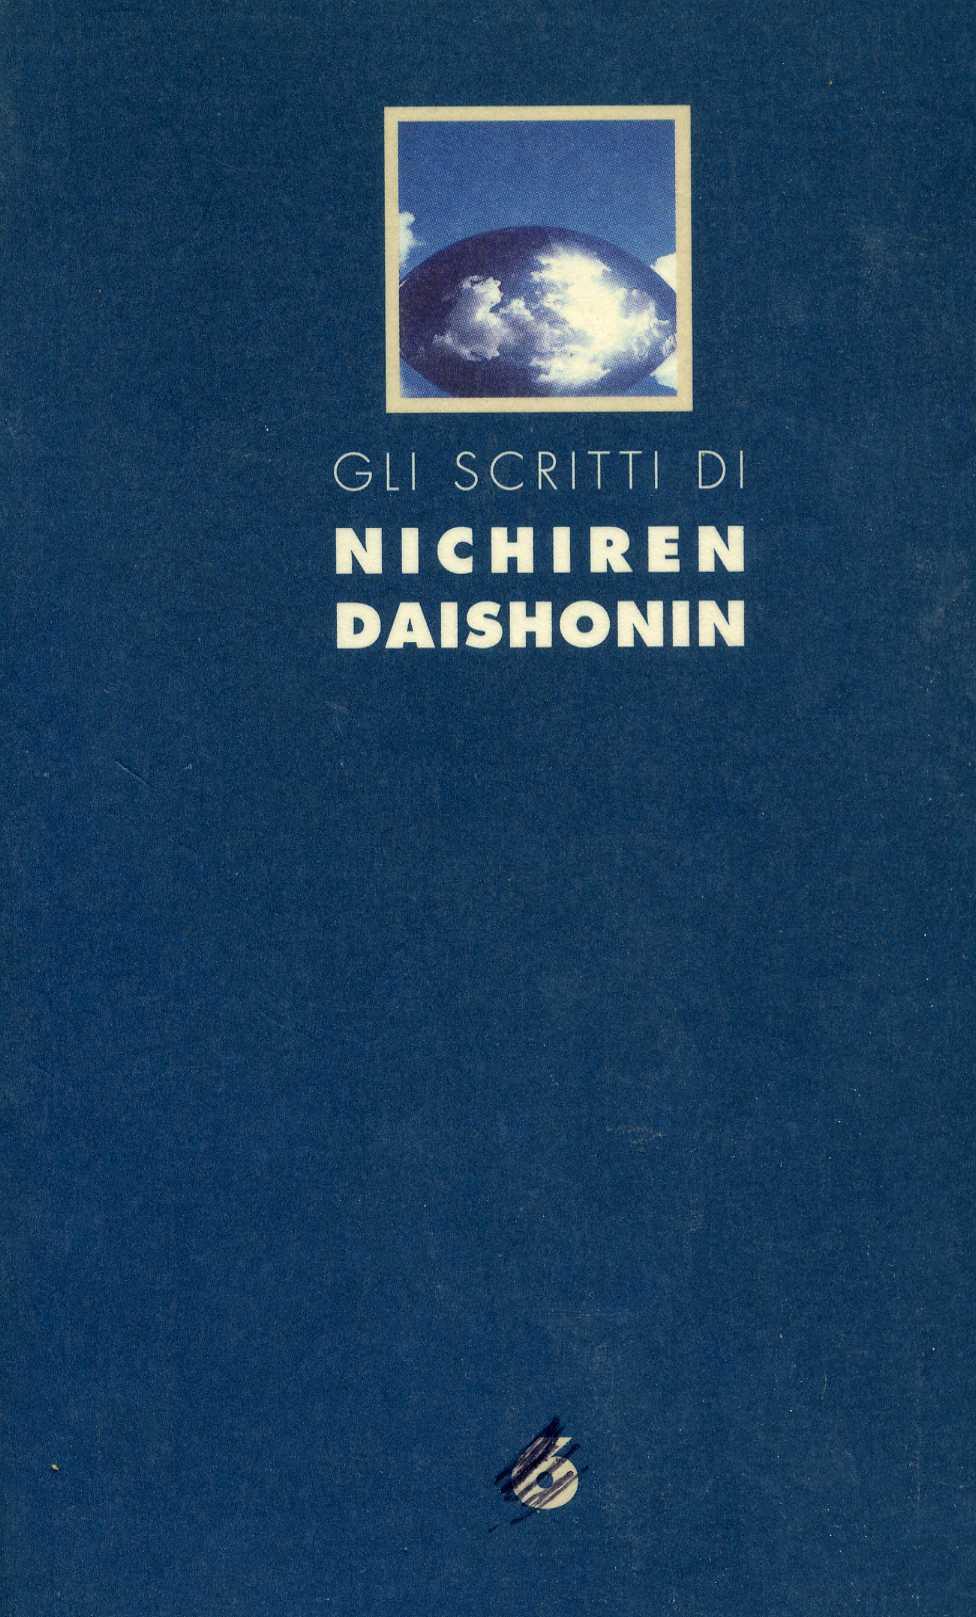 Gli scritti di Nichi...